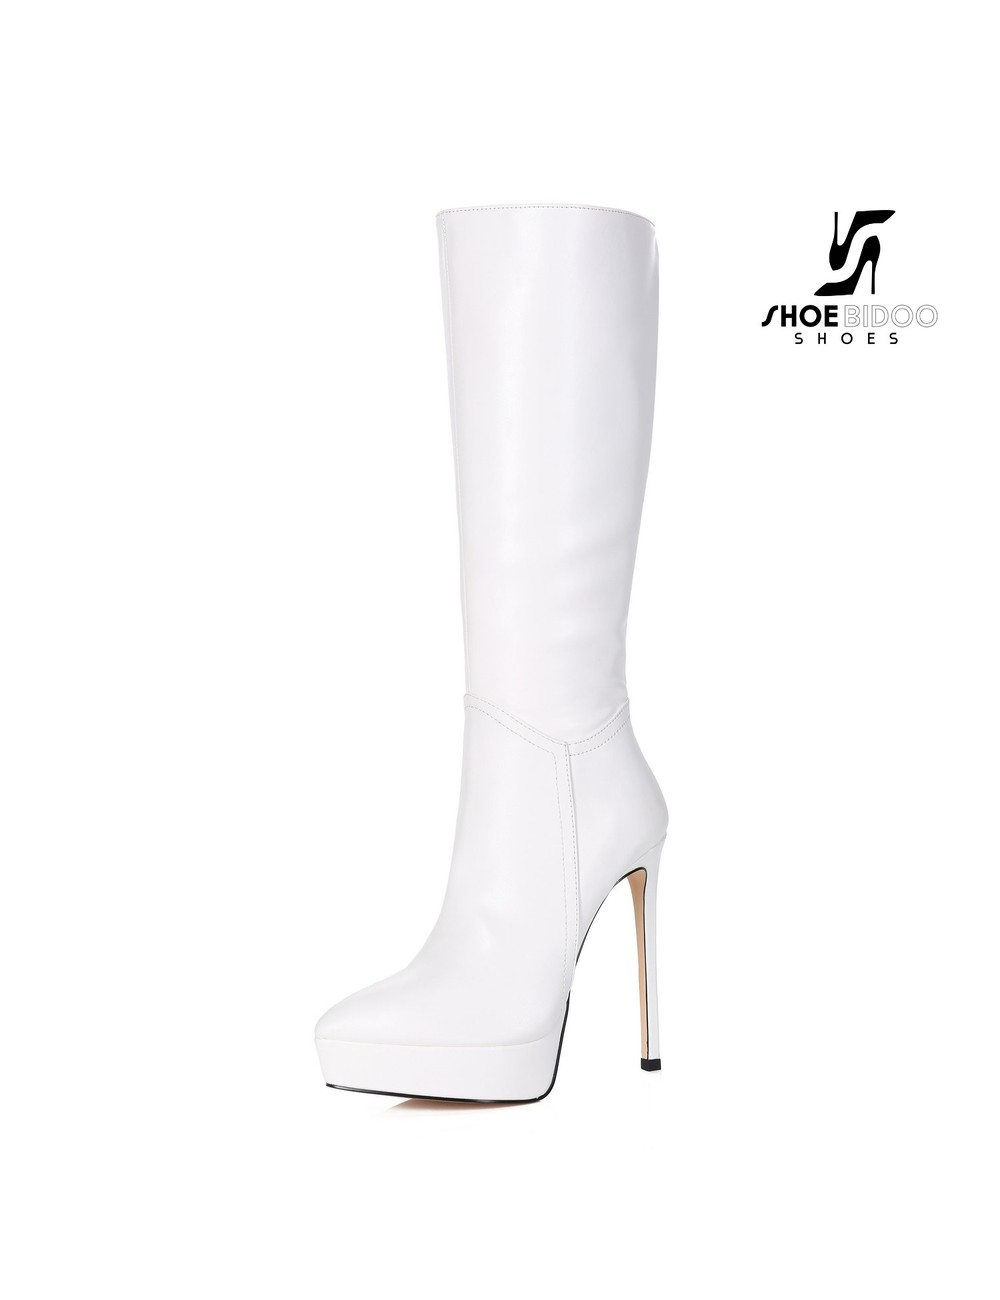 Giaro Giaro Platform knee boots SARAYA in white